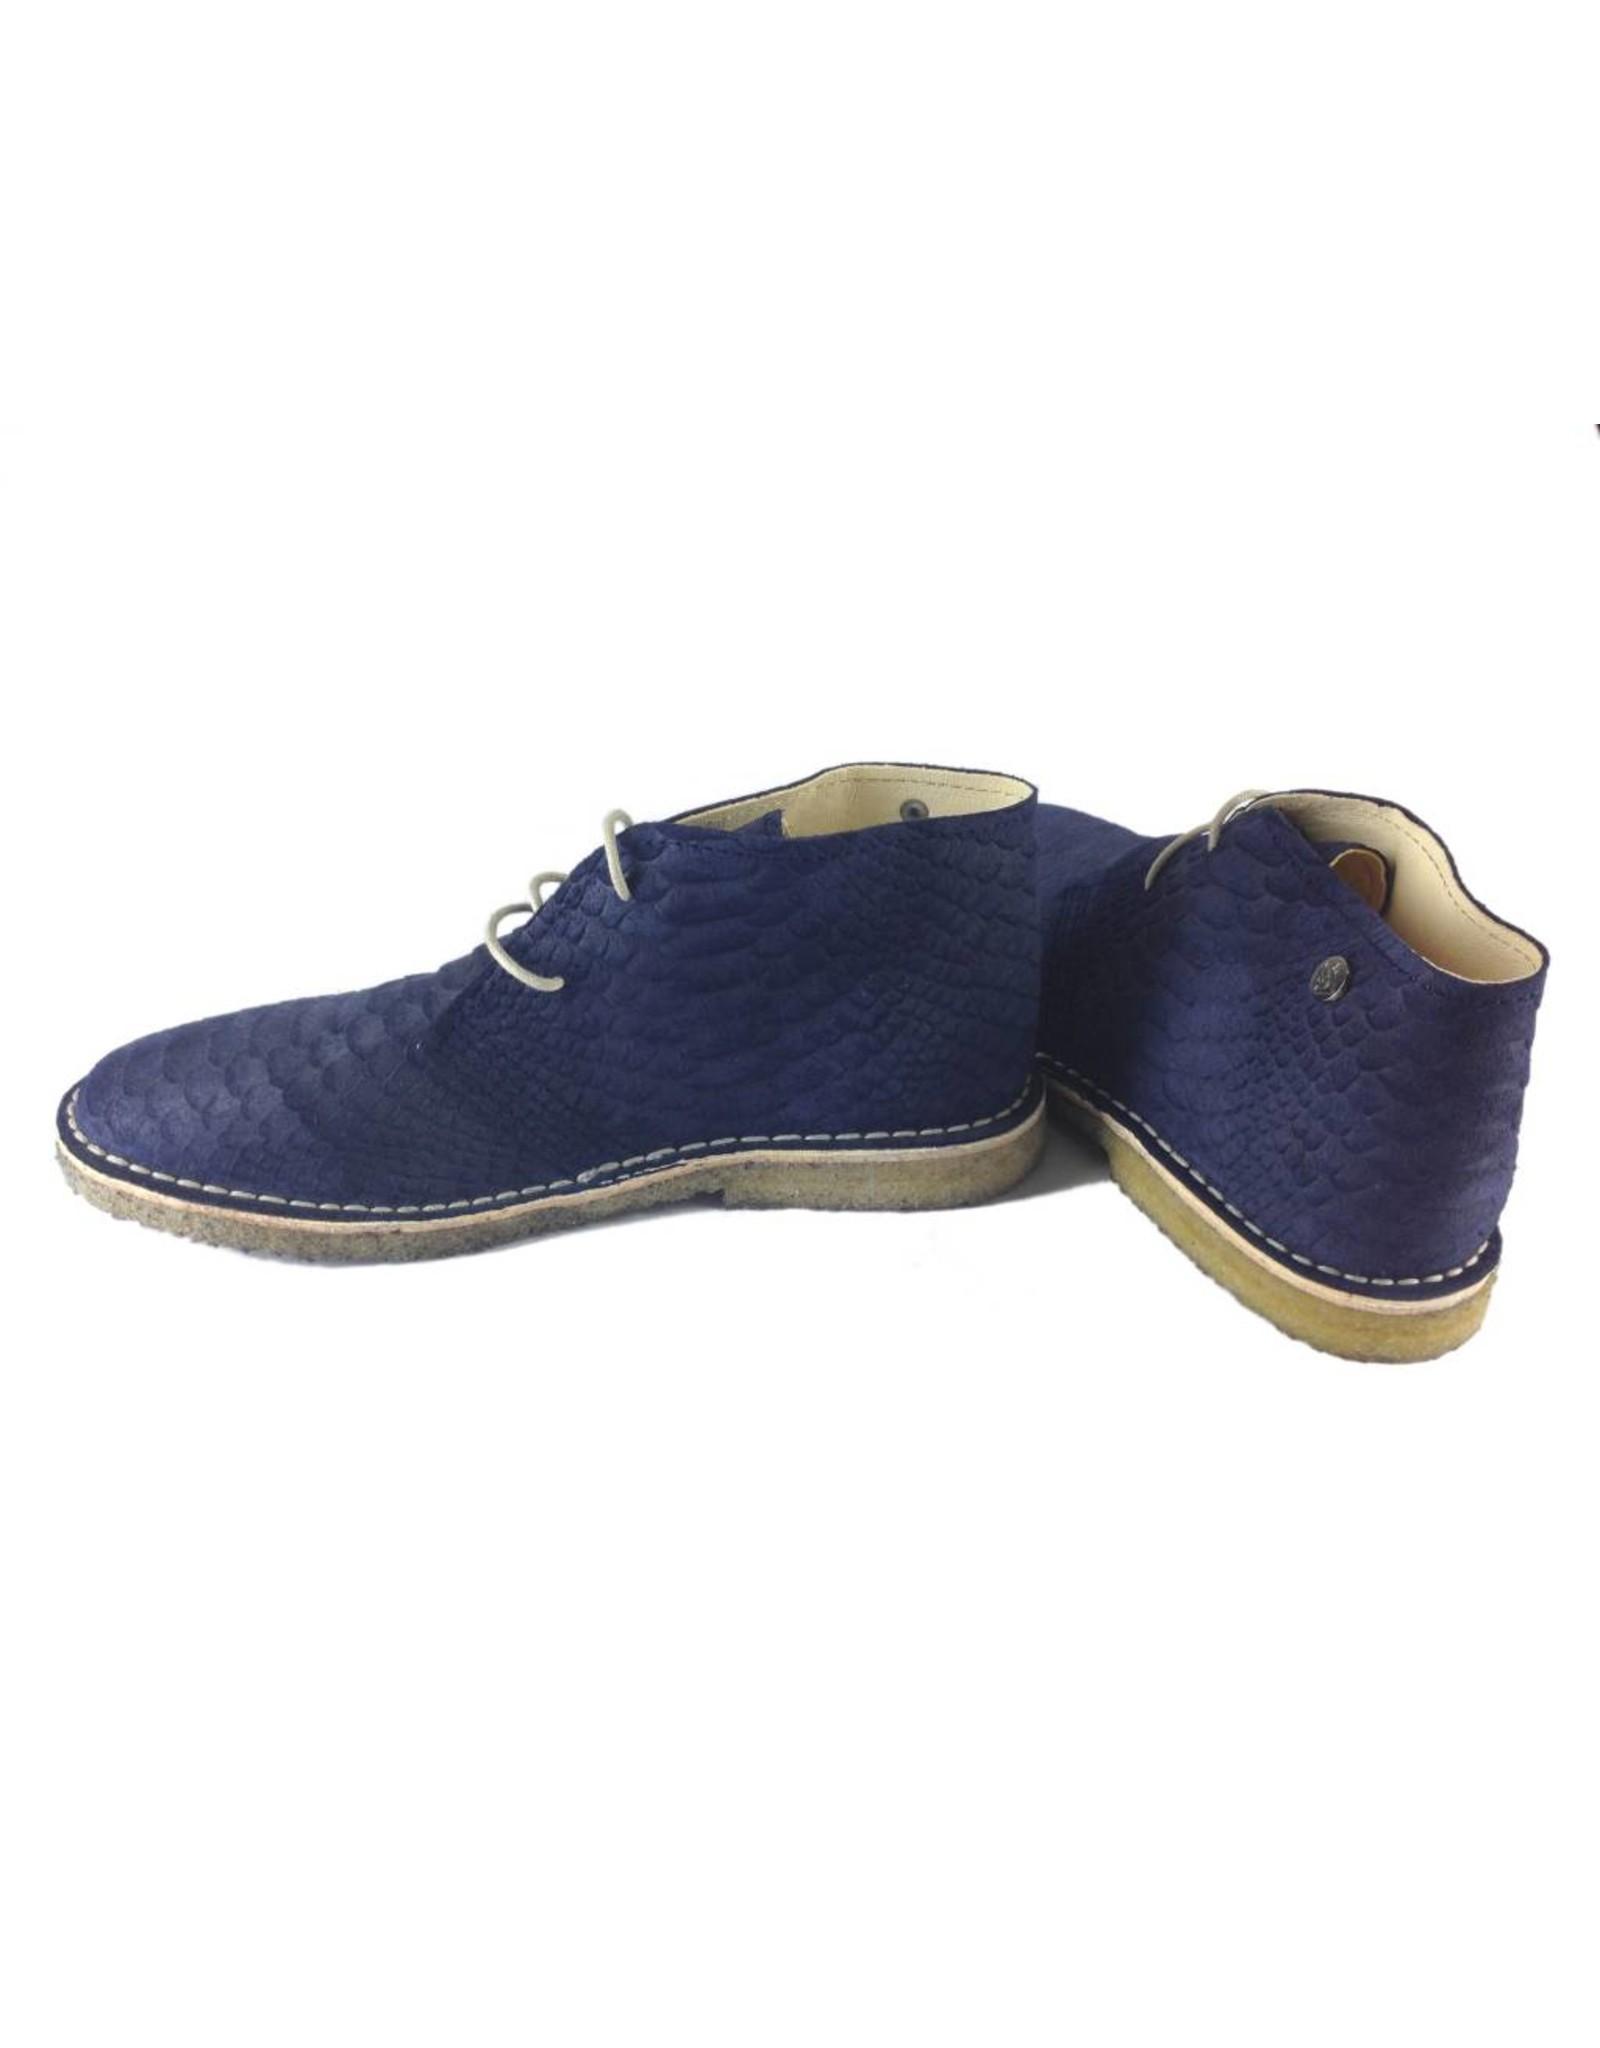 Jonny's Desert Boots, dunkelblau